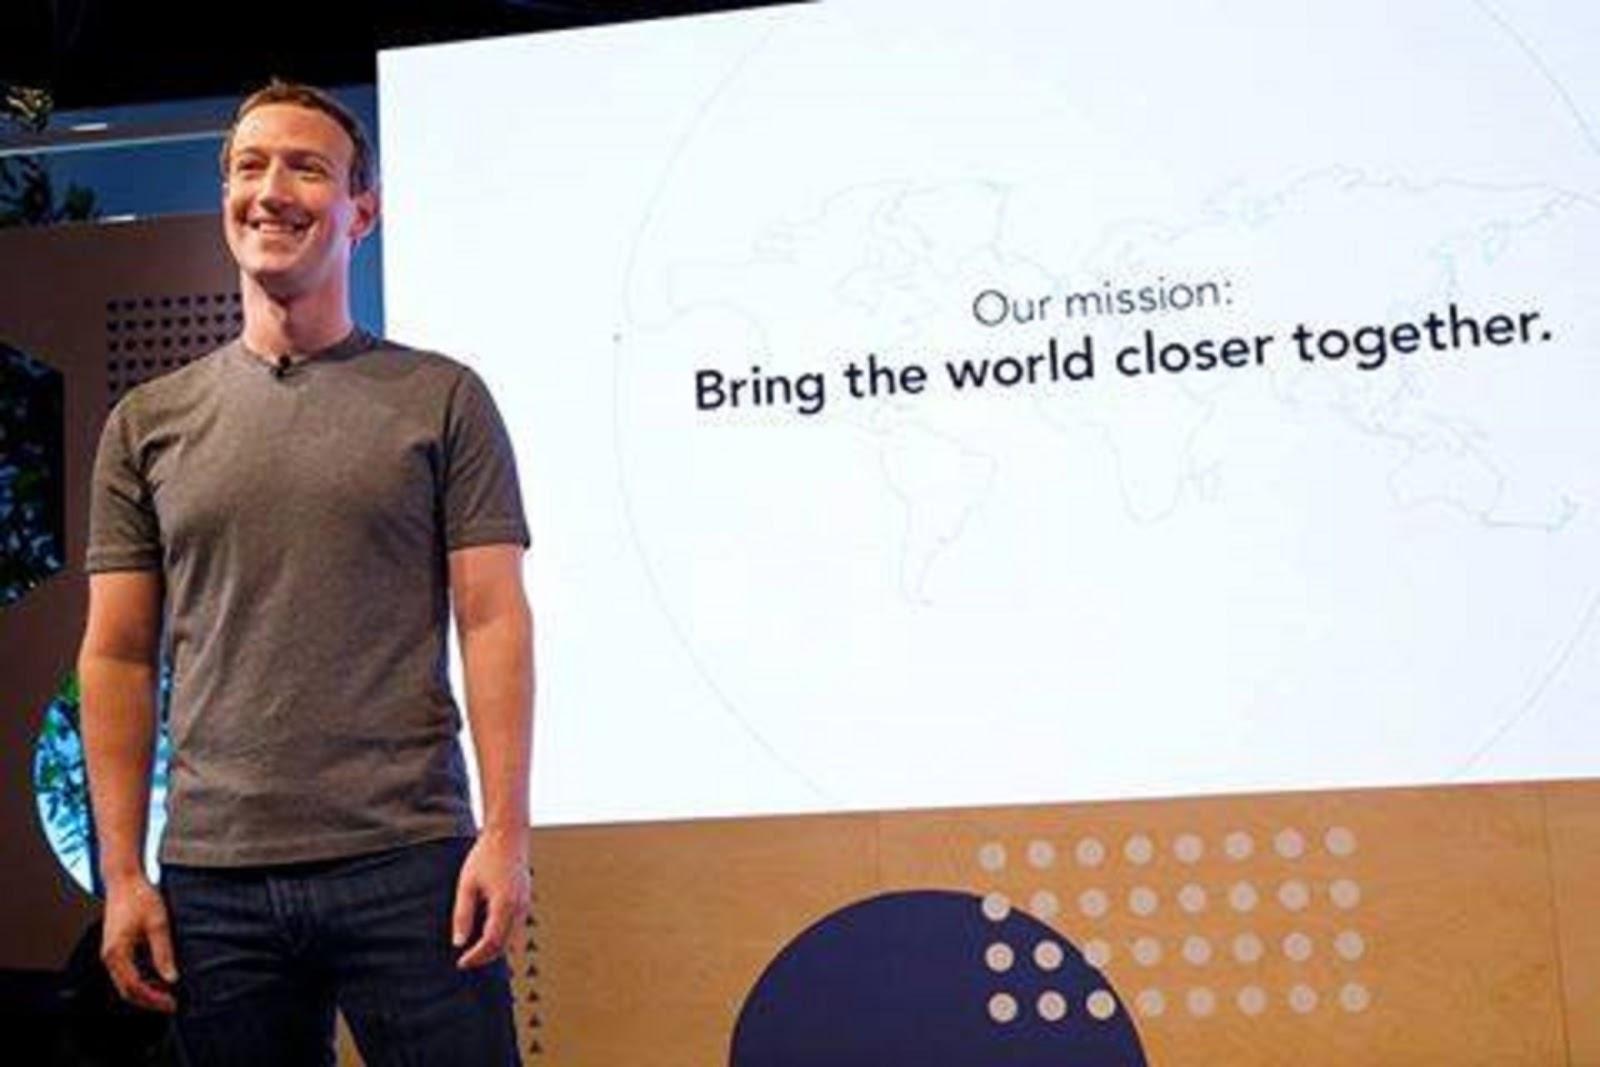 Terima kasih telah datang di Pertemuan Komunitas Facebook yang pertama Mark Zuckerberg: Bring The World Closer Together